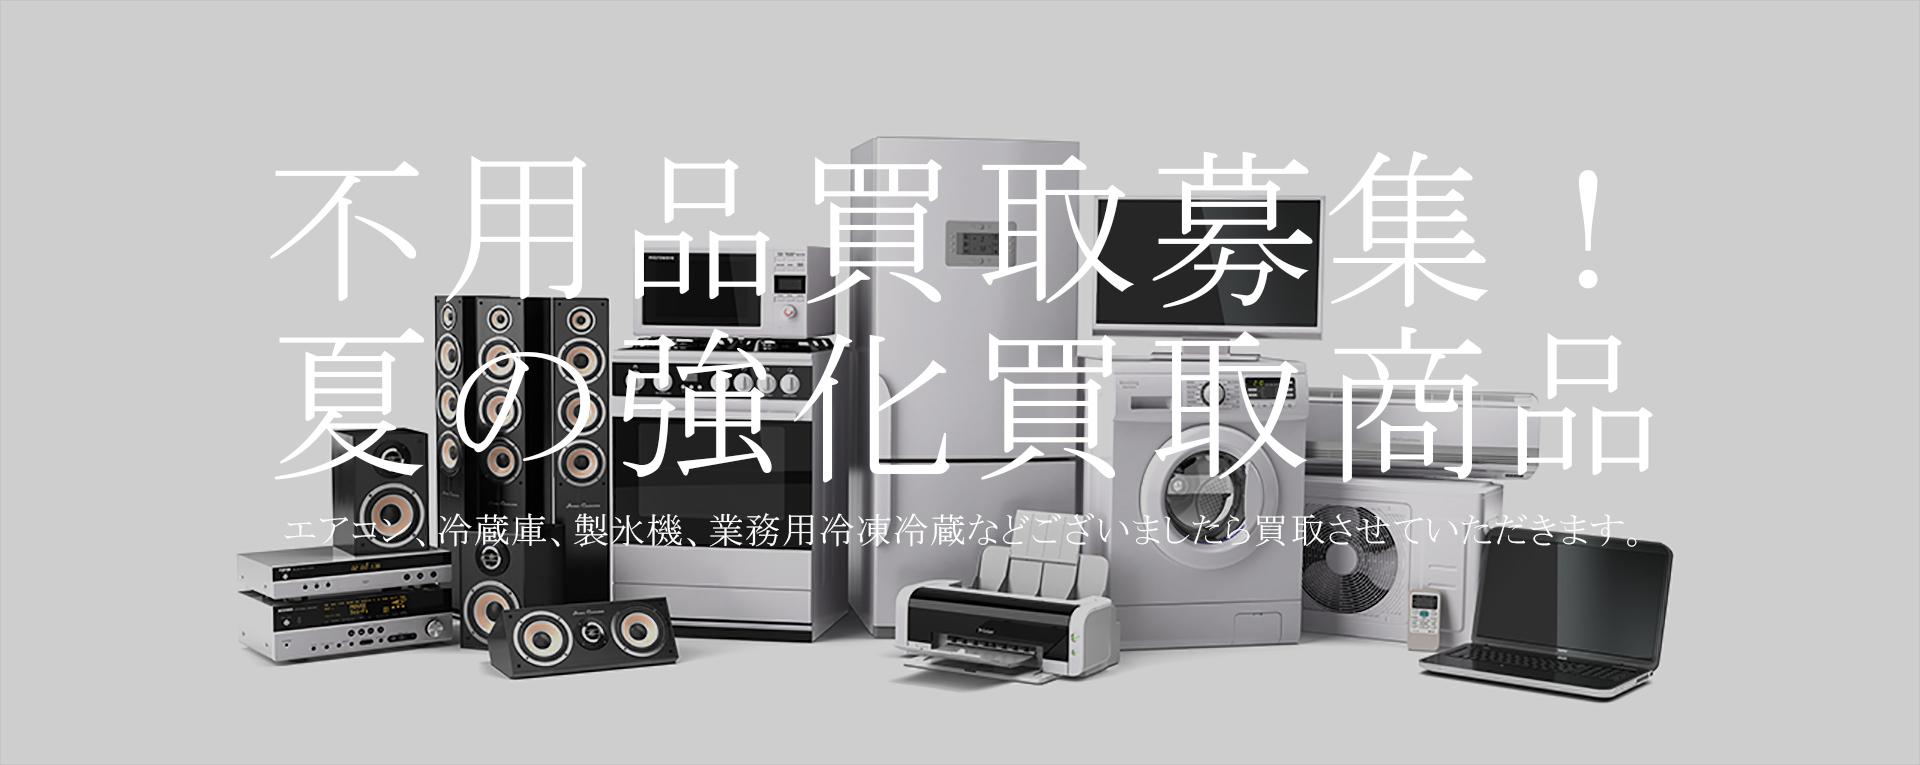 足立区の不用品回収・不用品買取ならARA足立リサイクルオークショントップ画像